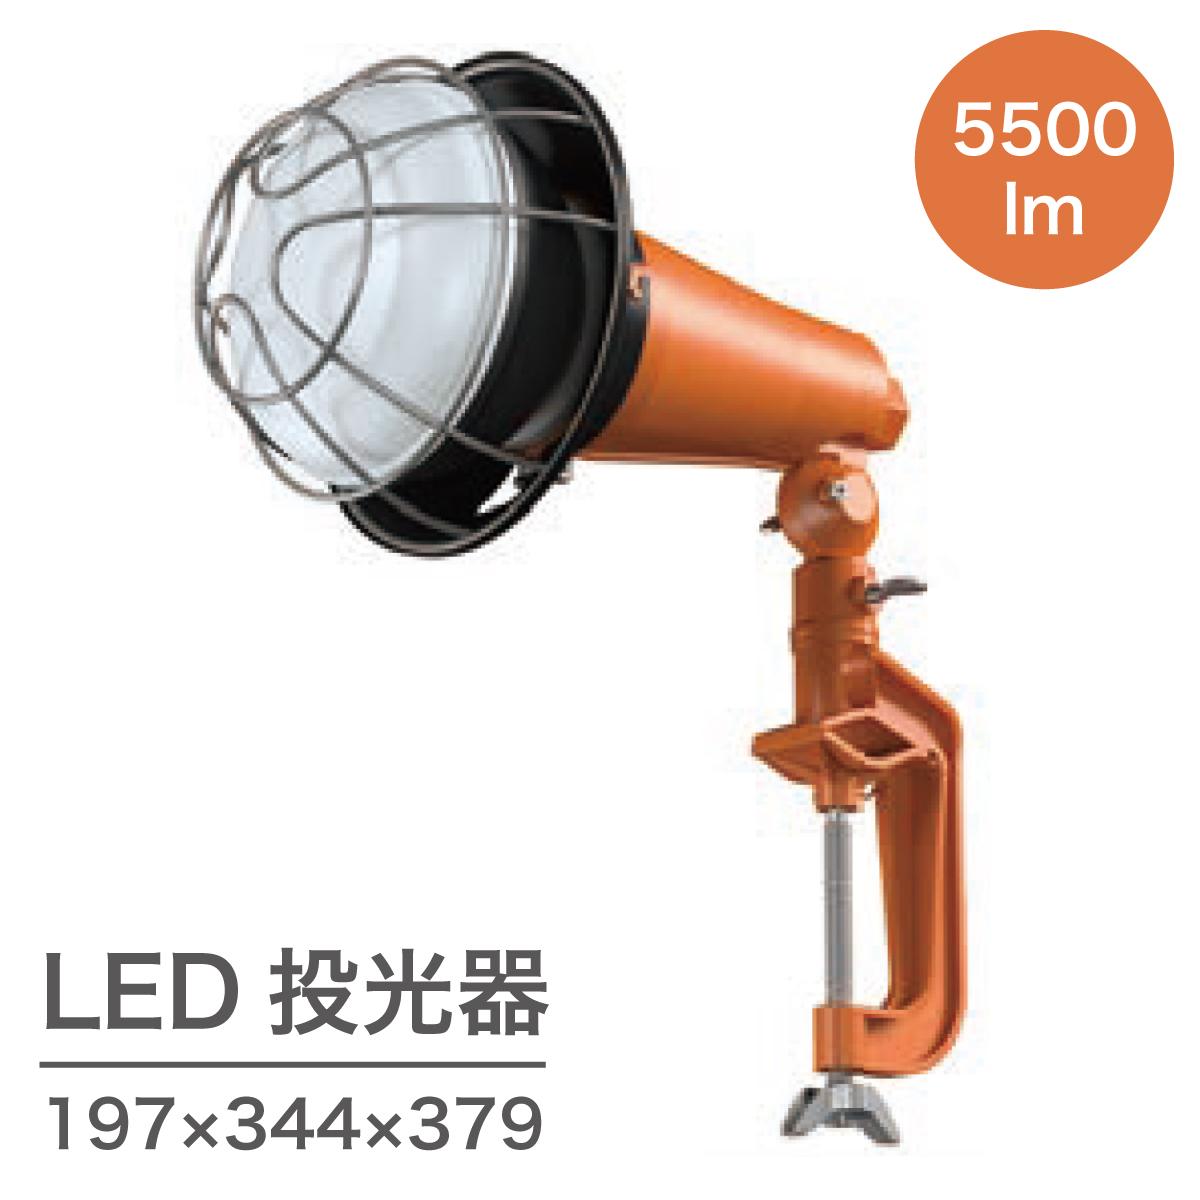 LED投光器 ワークライト 照明 省電力 長寿命 防水 ブルズLEDワークライトシリーズ 防塵 5 LWT-5500CK197×344×379mm 業界No.1 大規模セール 500lm